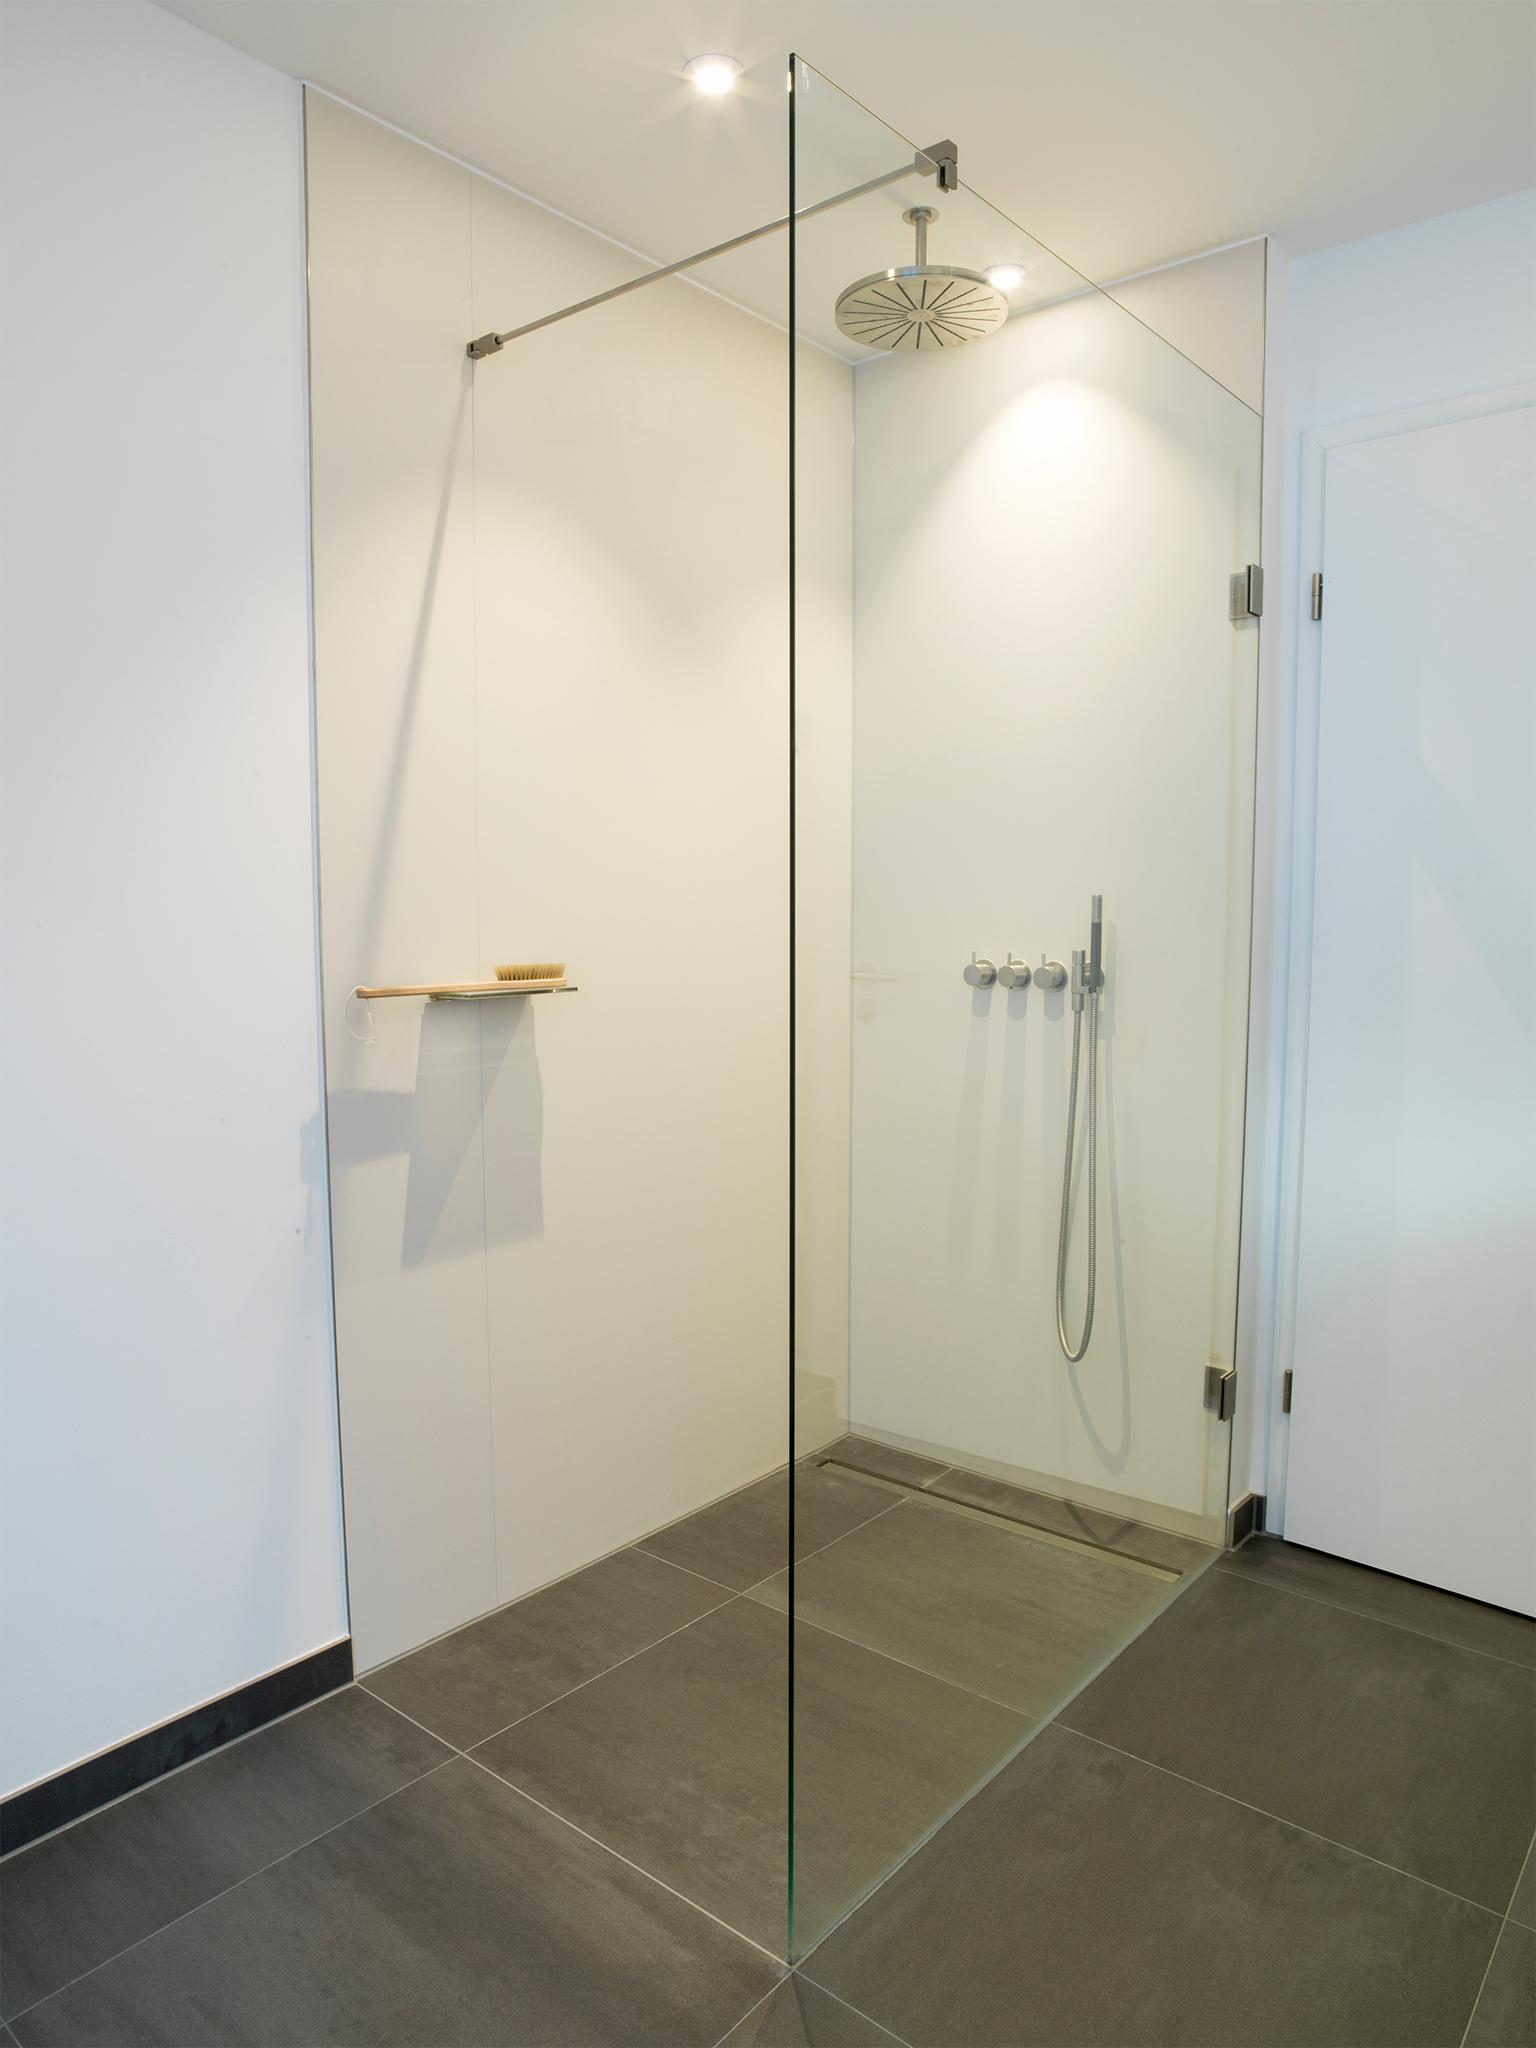 Full Size of Dusche Ebenerdige Walk In Lsung Badezimmer D Glasabtrennung Eckeinstieg Bodengleich Badewanne Mit Tür Und Einbauen Duschen Kaufen Koralle Einhebelmischer Dusche Dusche Ebenerdig